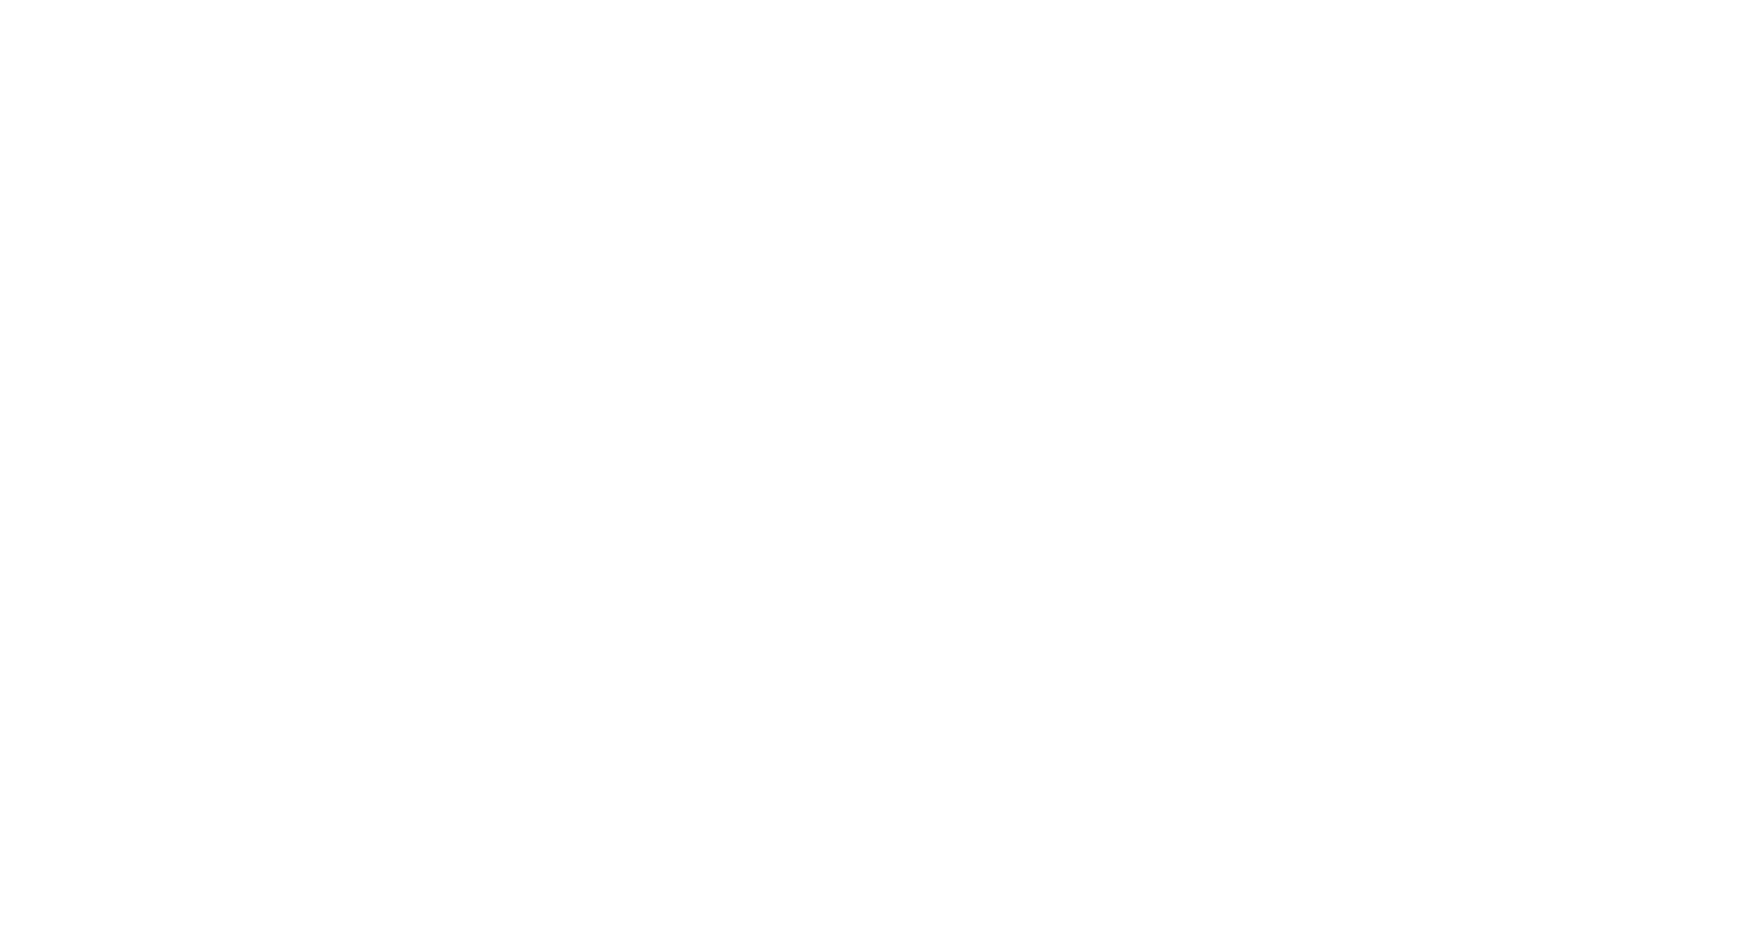 Nu-Tier Brands